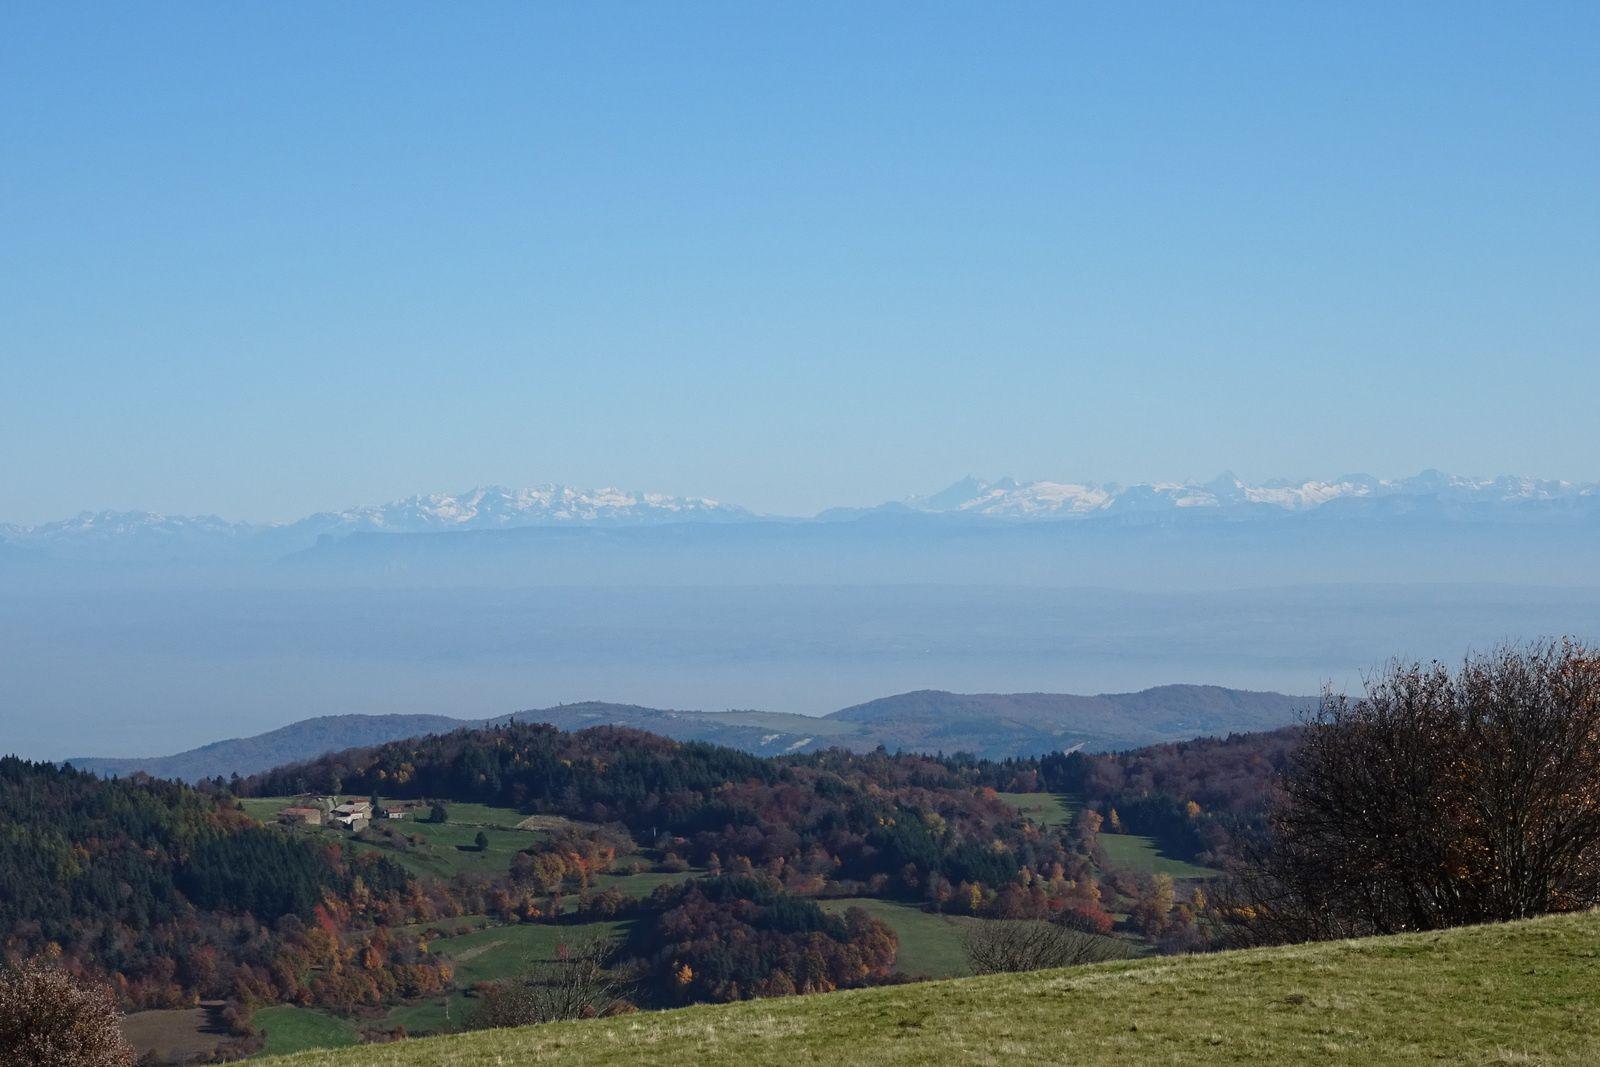 Cette vue sur les Alpes m'accompagne une bonne partie du parcours, trop beau, trop bien, trop géniale !